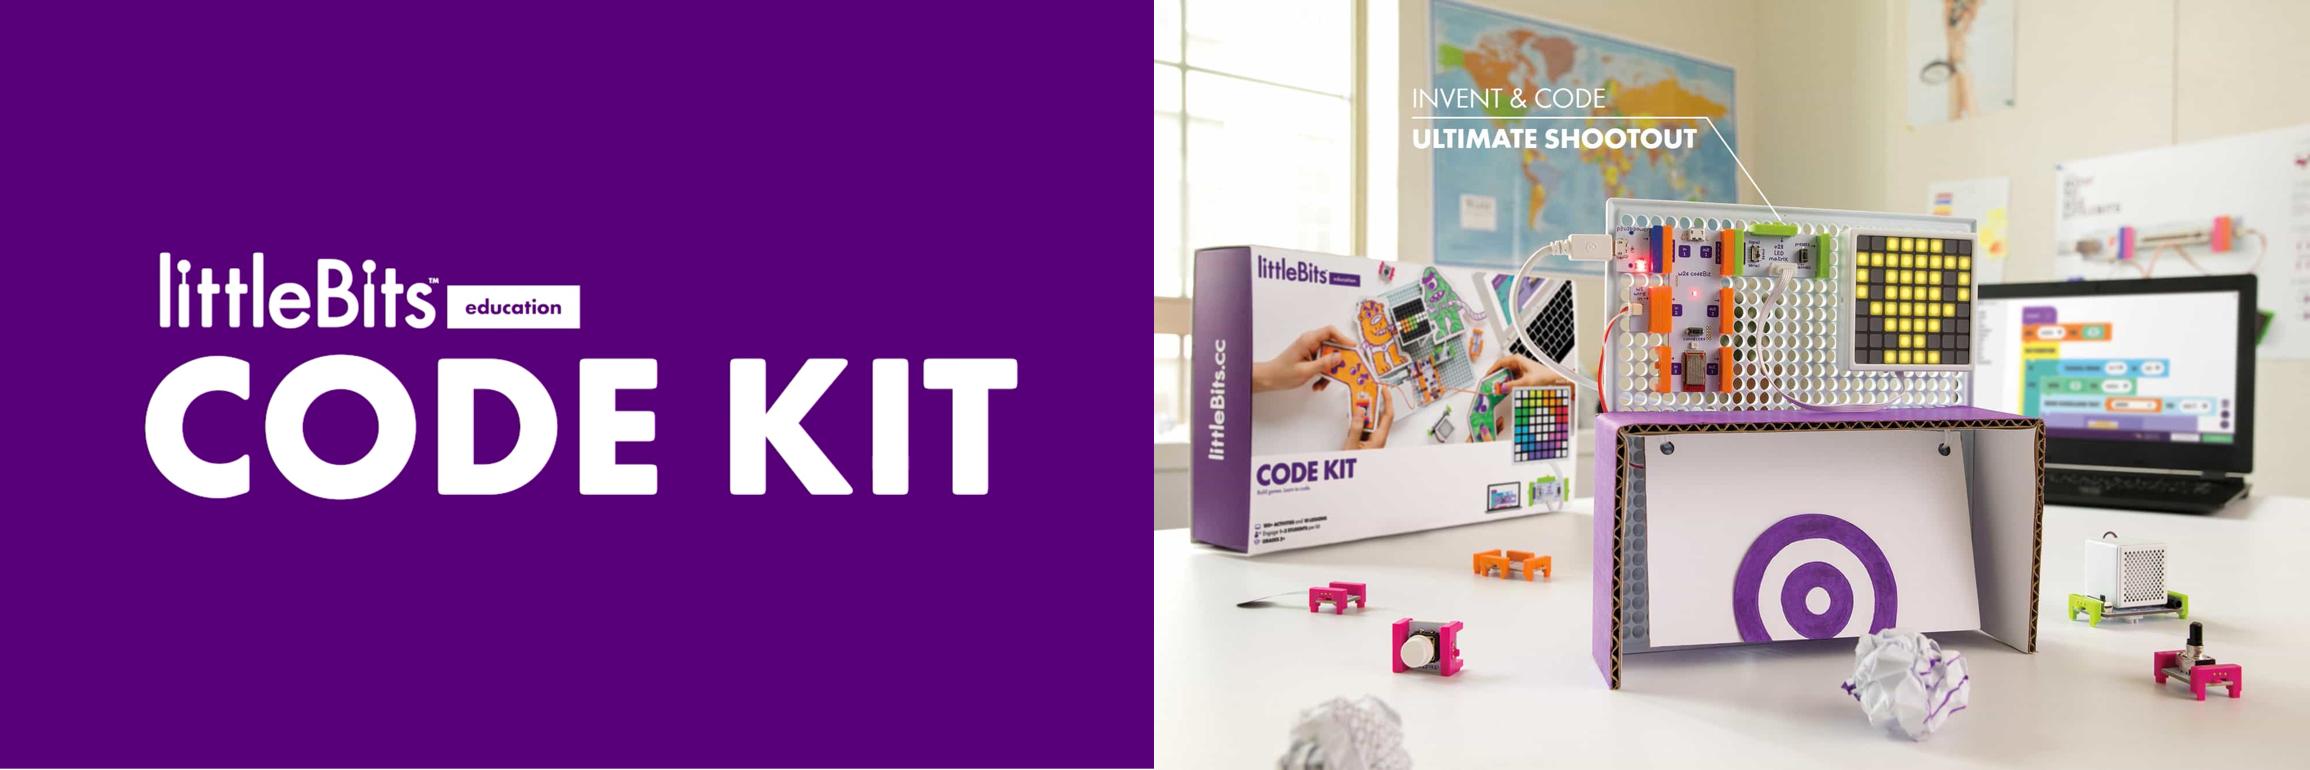 code_kit_banner.jpg